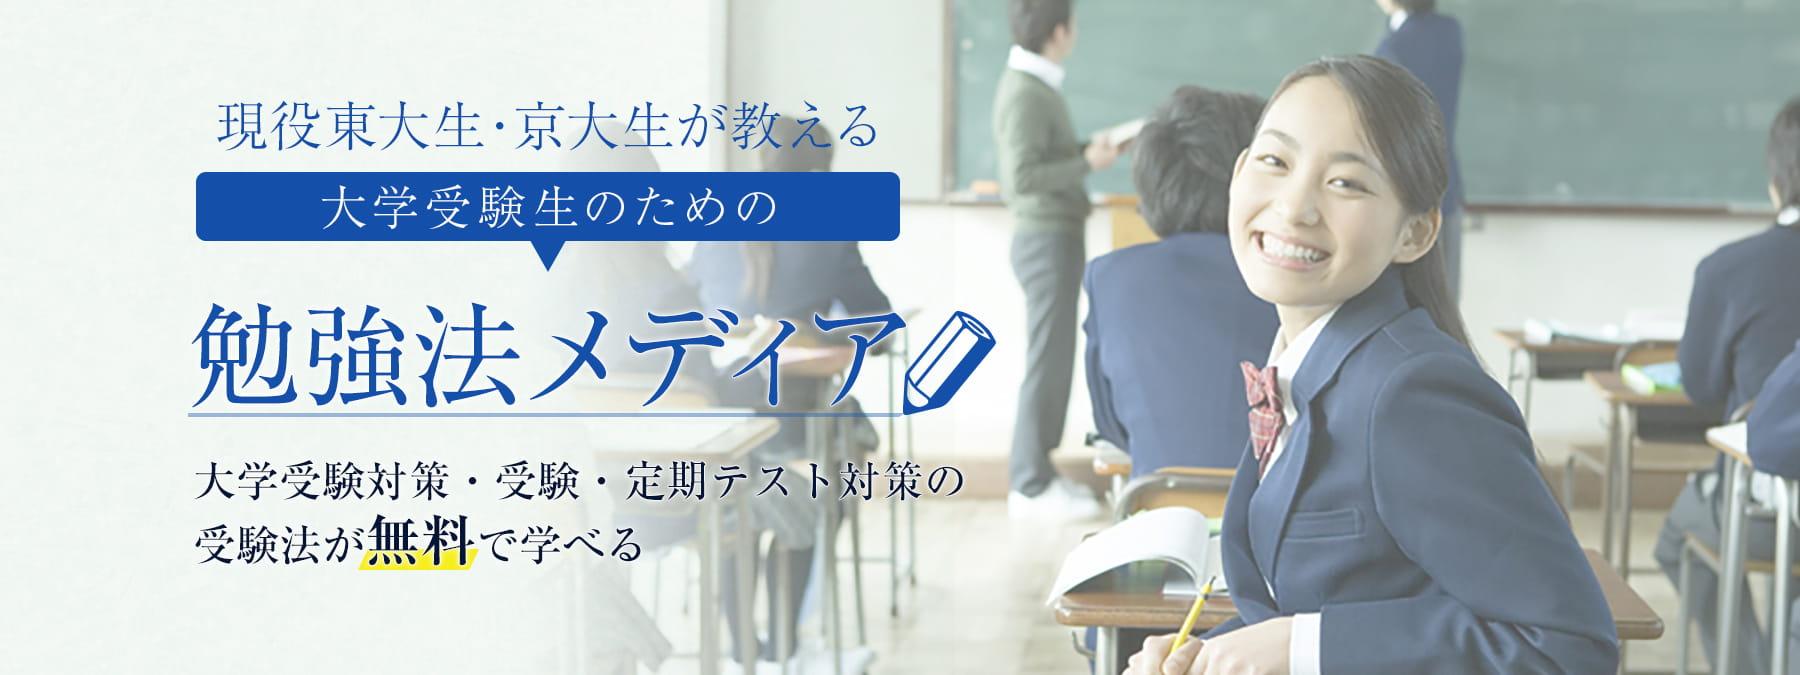 大学受験生のための勉強法メディア